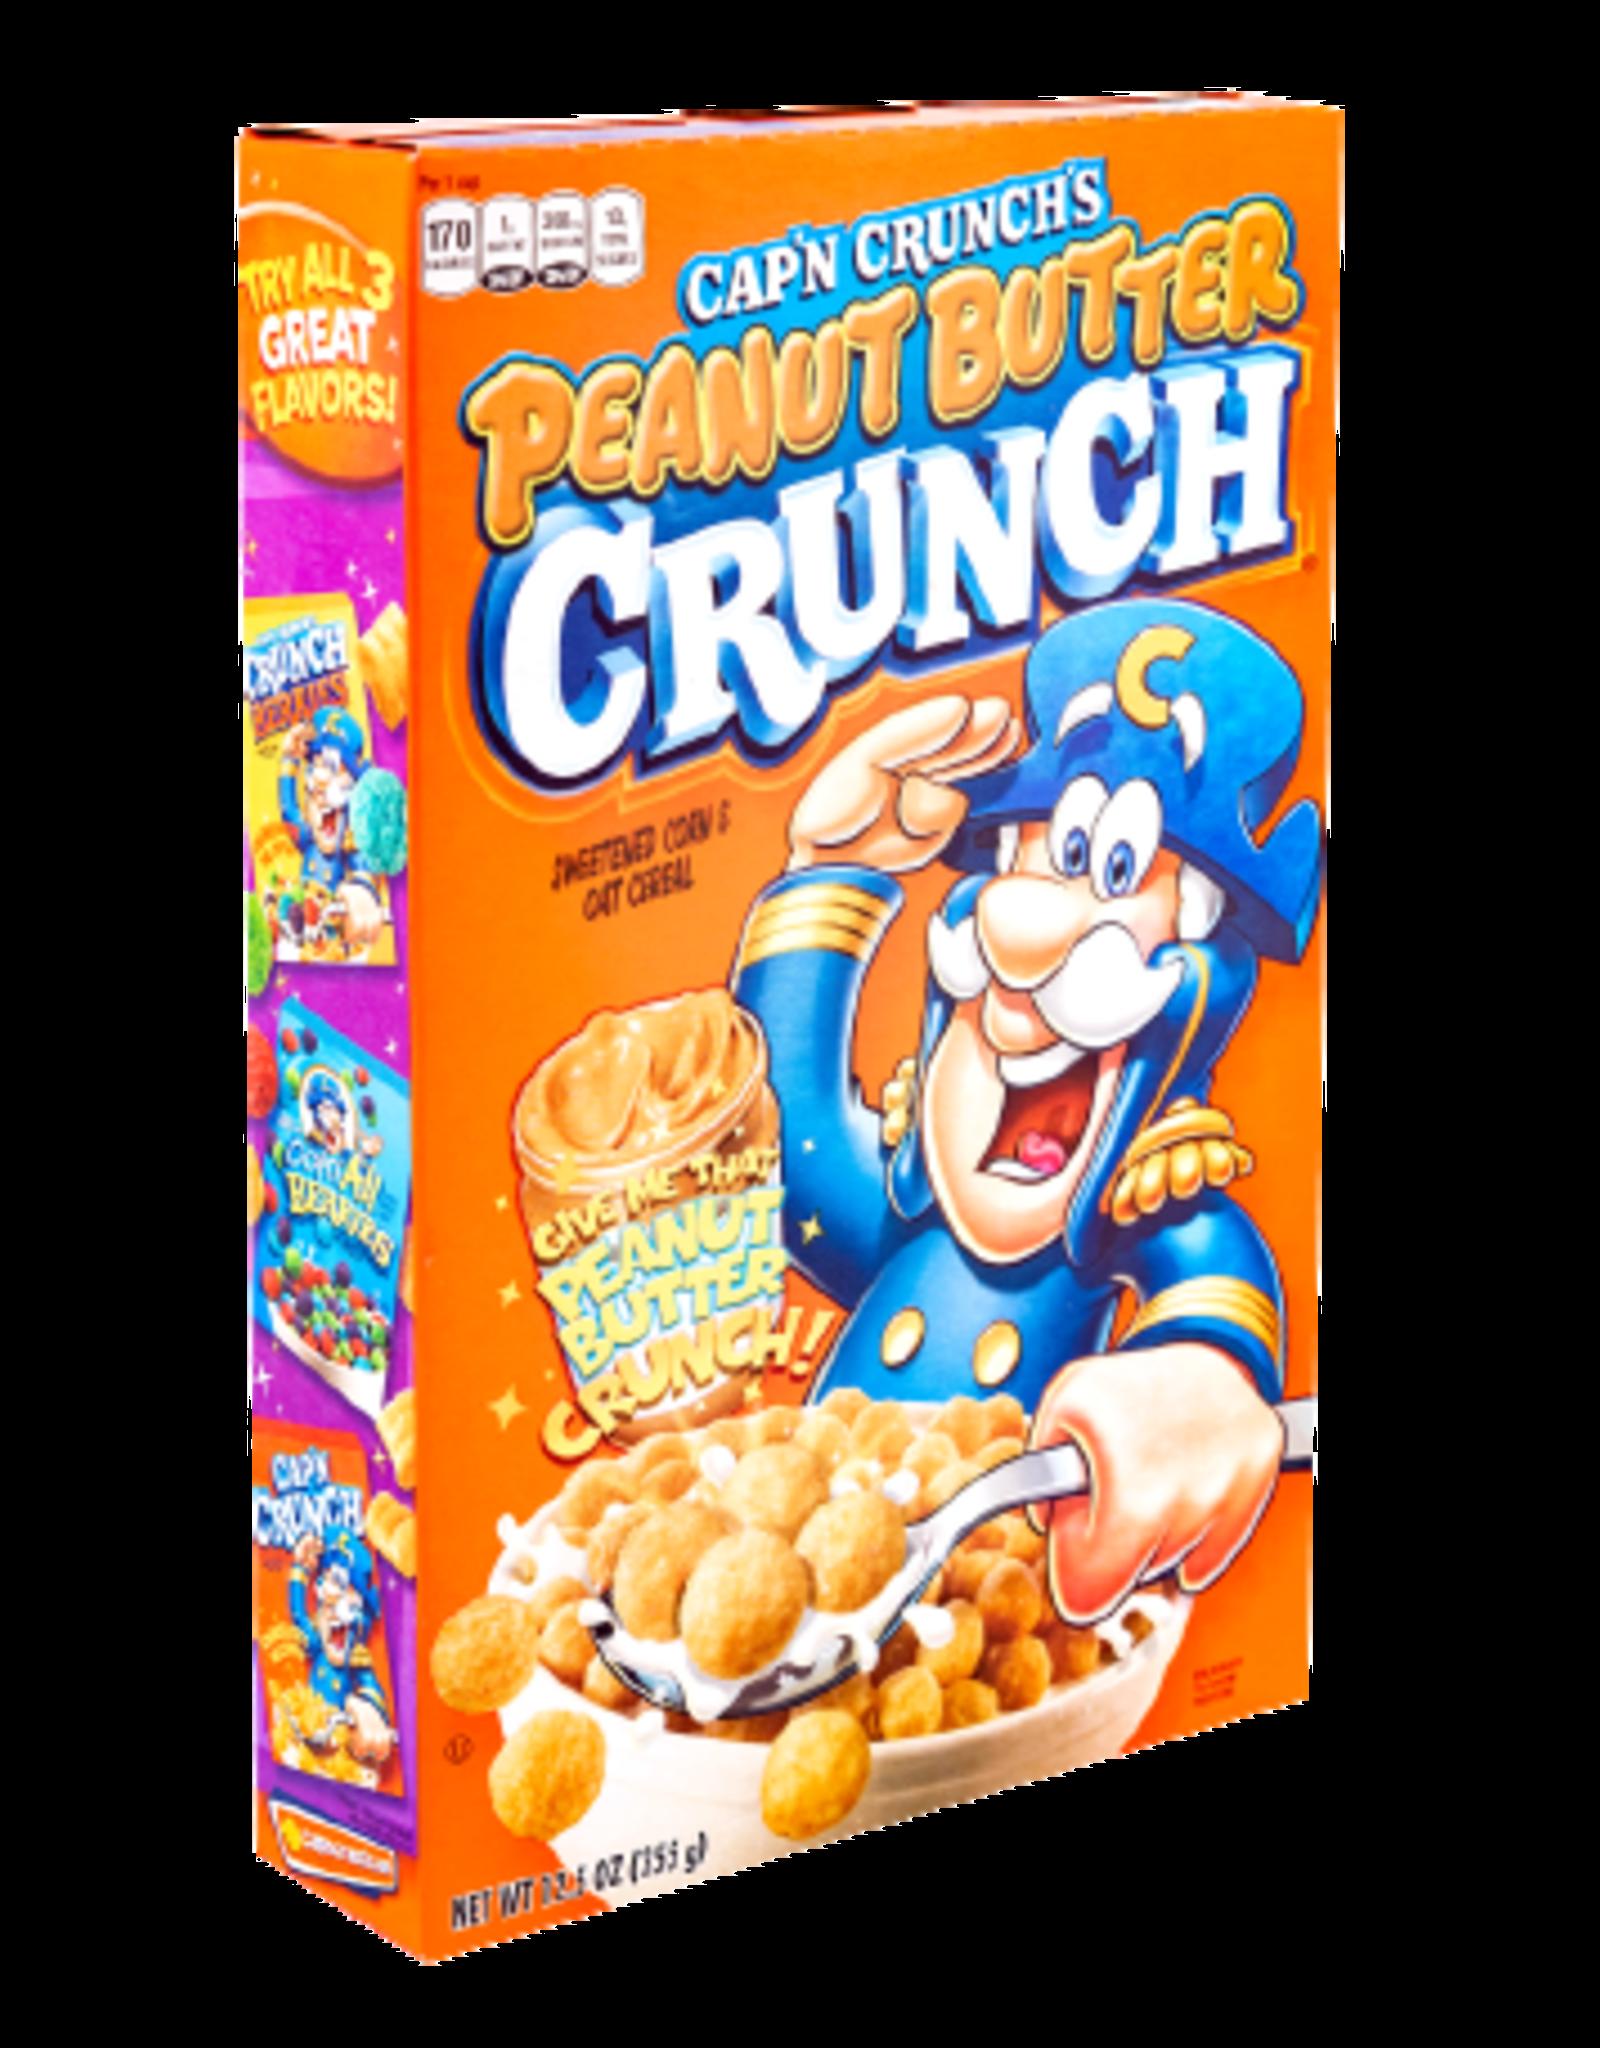 Cap'N Crunch's Peanut Butter